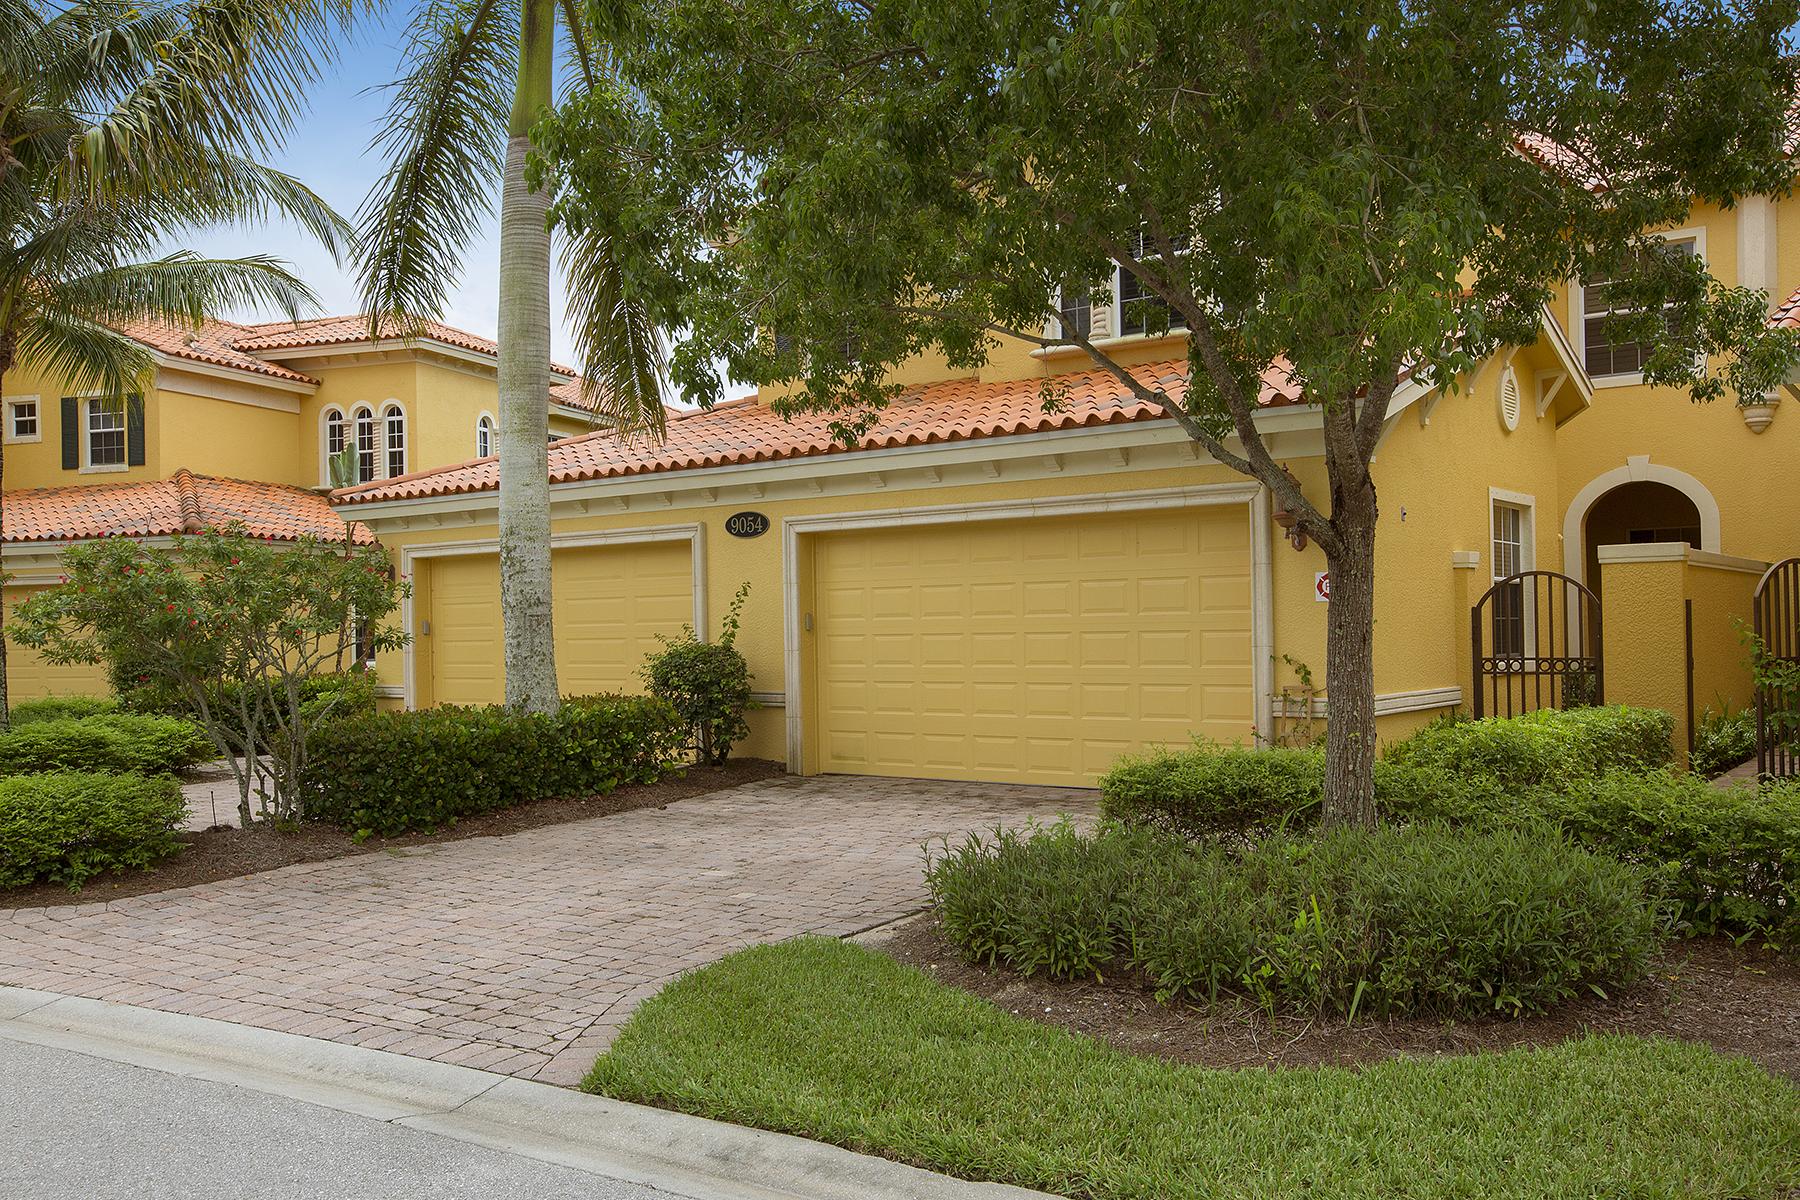 共管物業 為 出售 在 FIDDLER'S CREEK - CASCADA 9054 Cascada Way 101 Naples, 佛羅里達州, 34114 美國